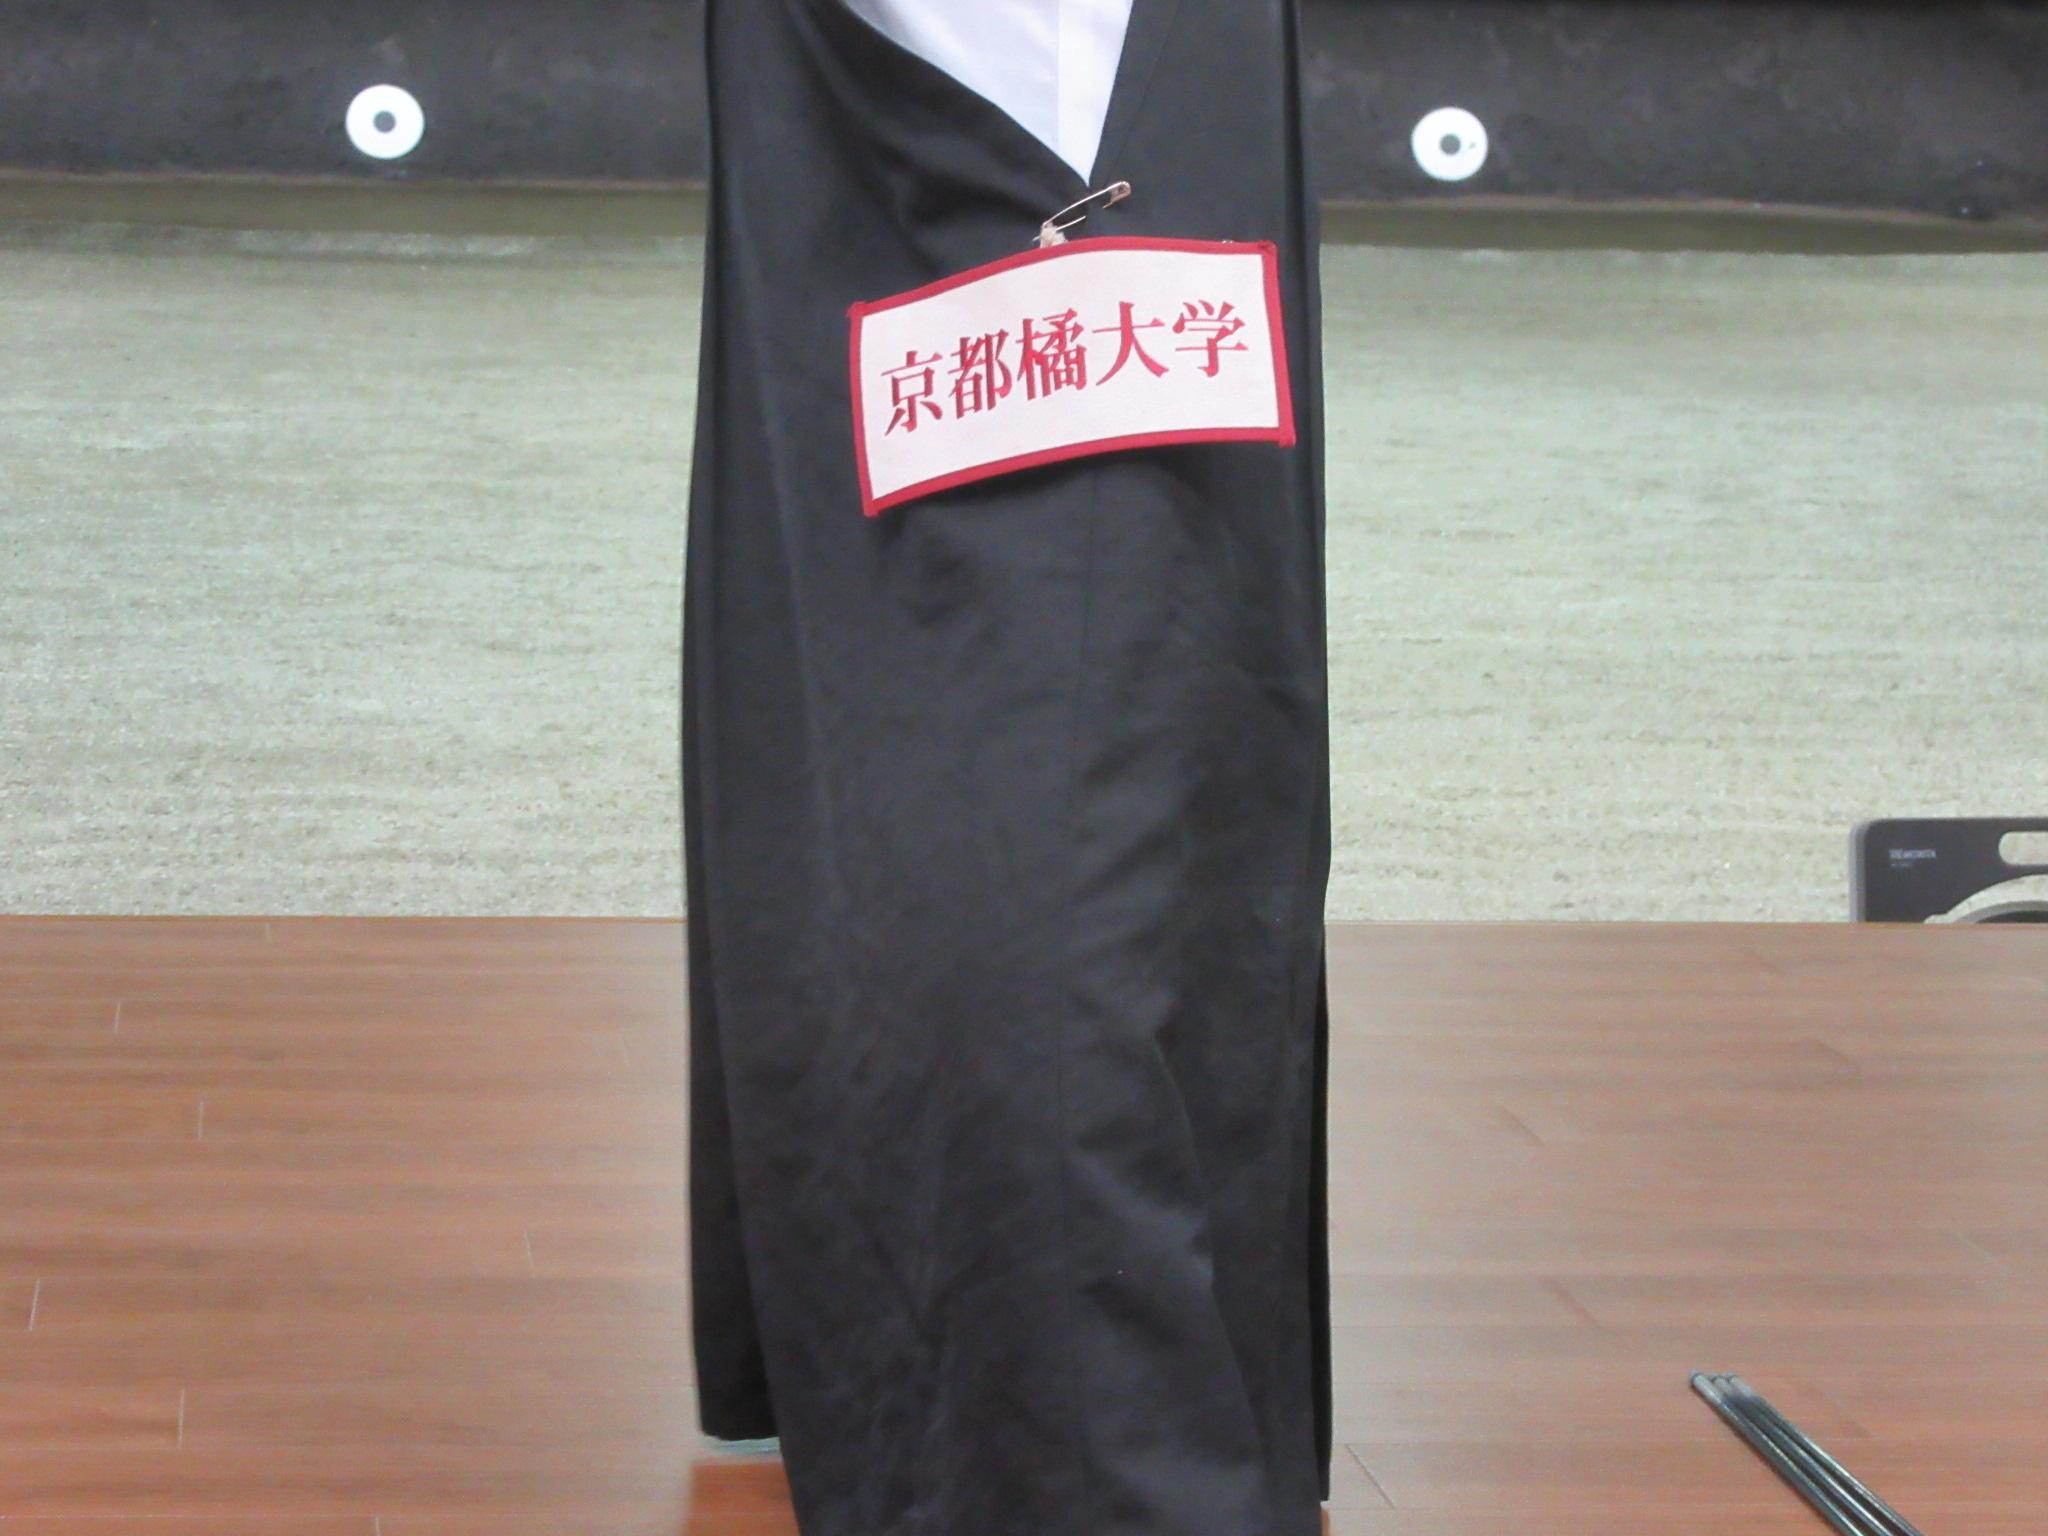 京都橘大学は全国選抜で優勝している強豪校です